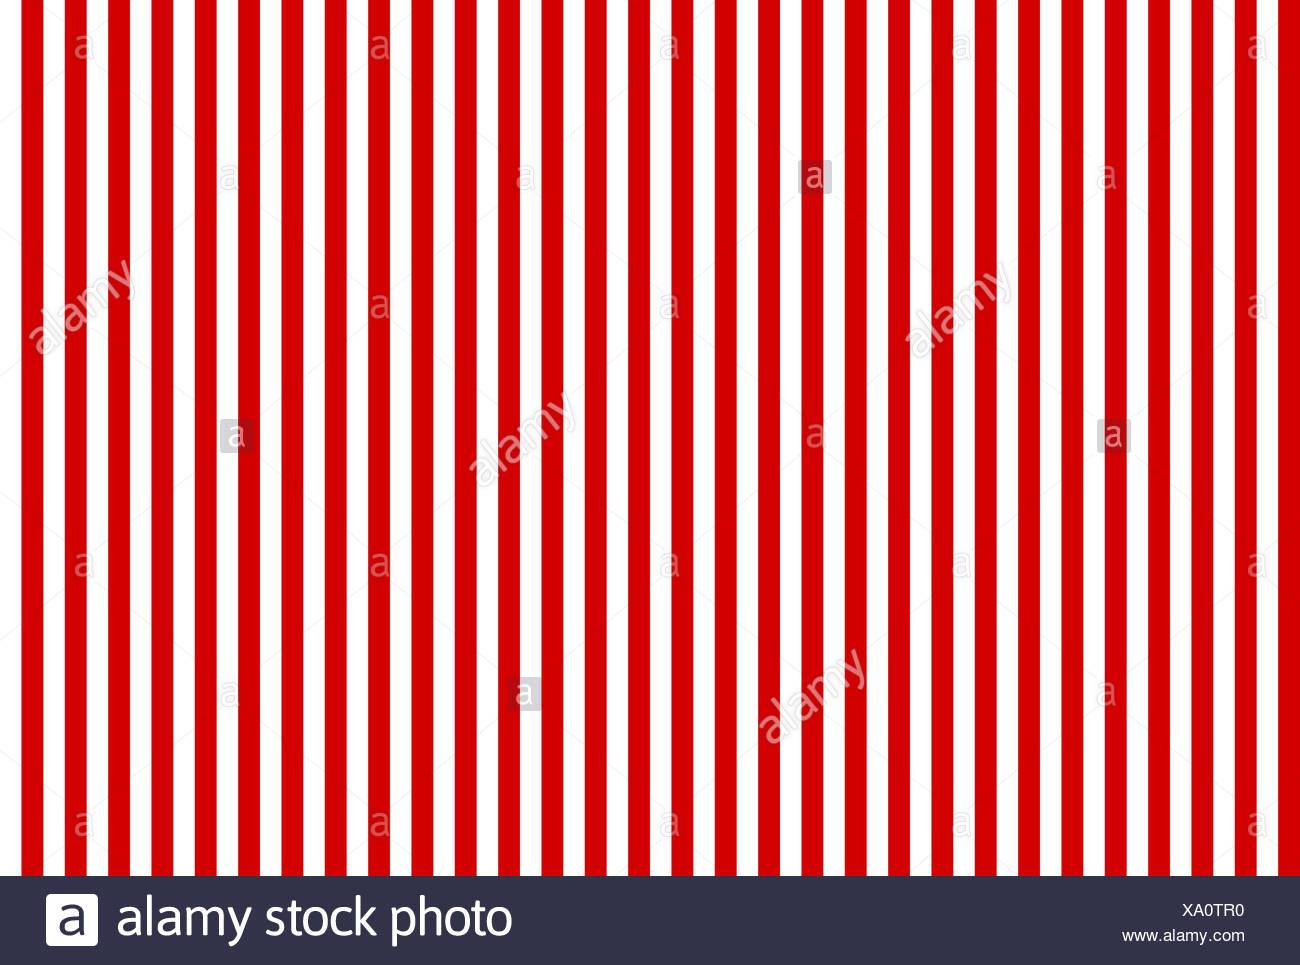 Einfacher Und Hintergrund Mit Roten Nahtloses 160 Kellnertasche Weißer Bär  Photo Stock